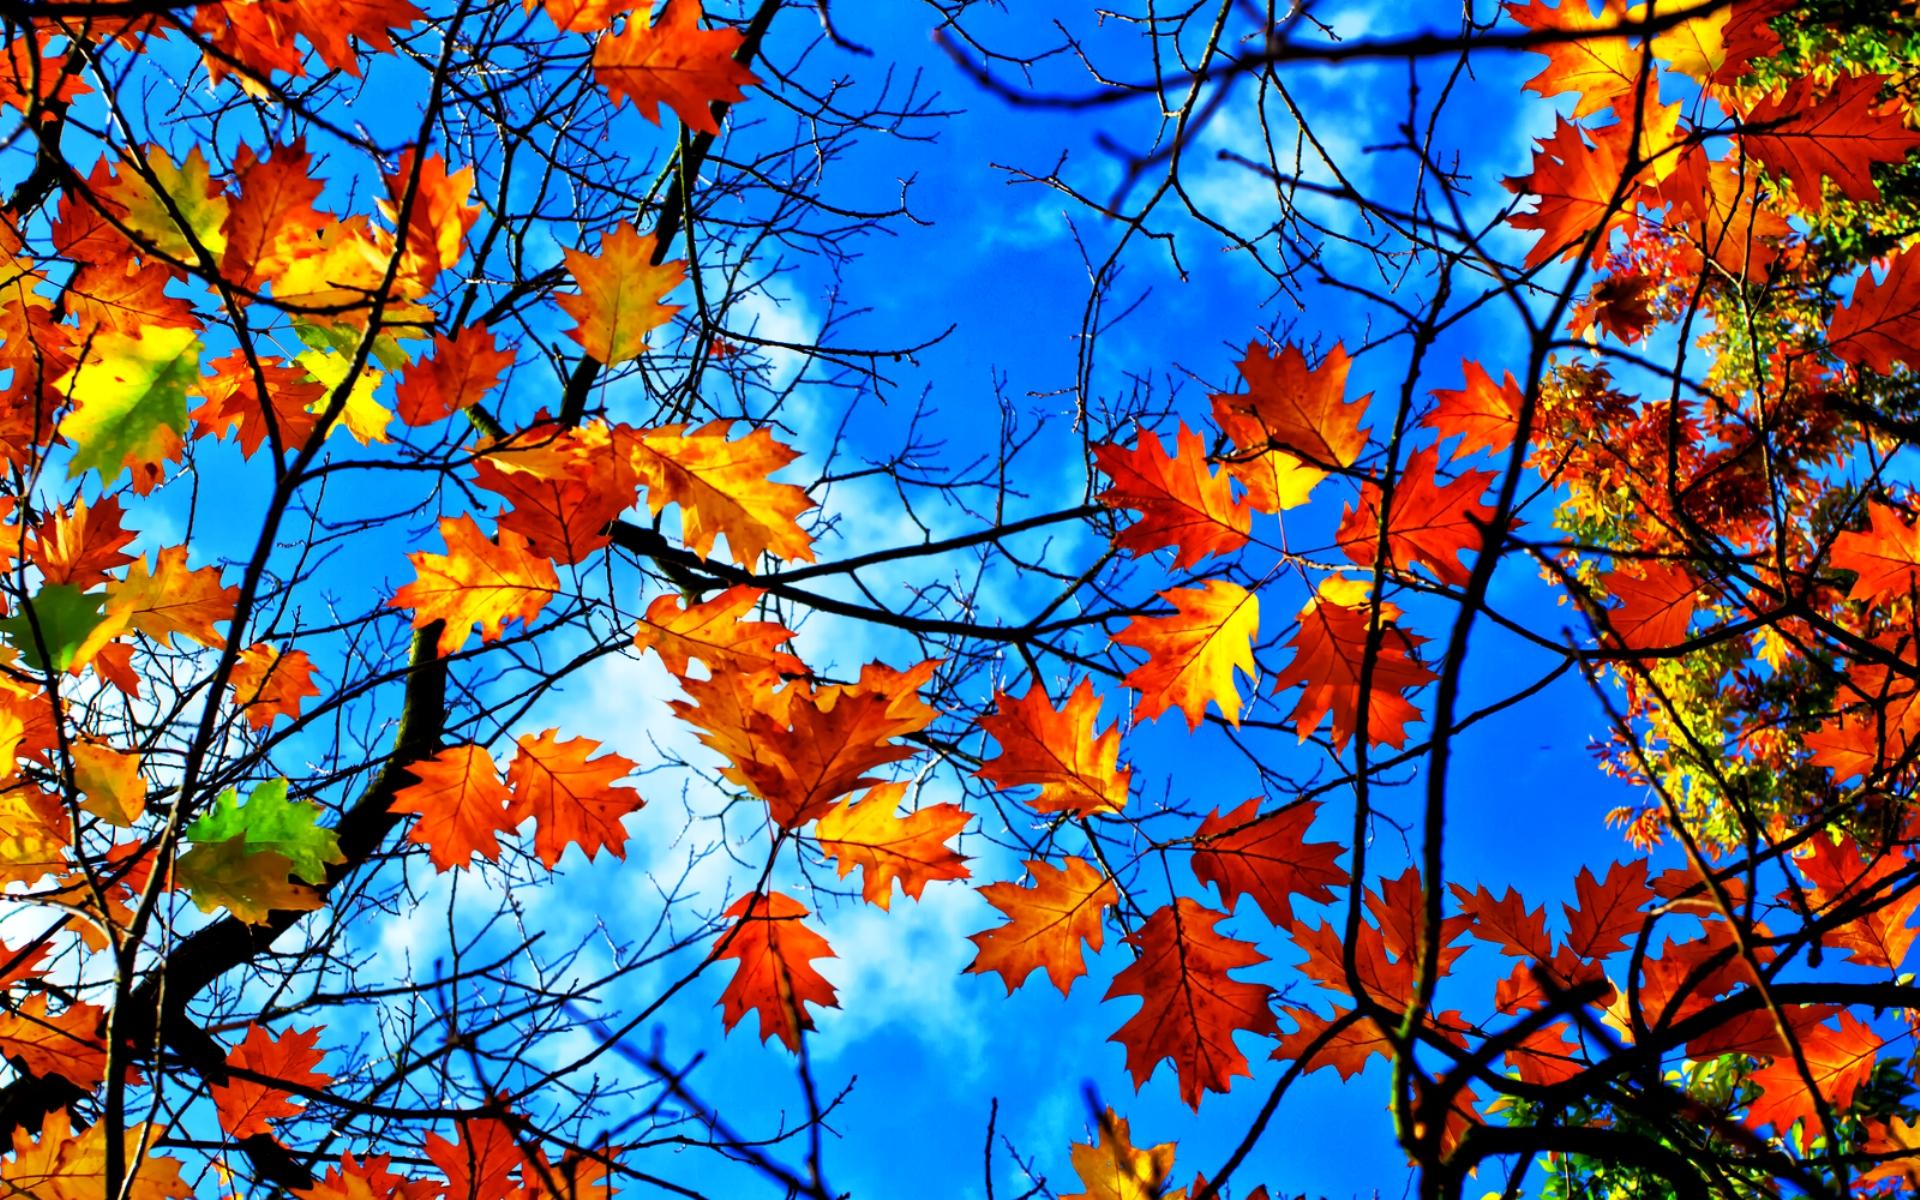 Картинки осенних листьев для вырезания цветные - 7c3fa